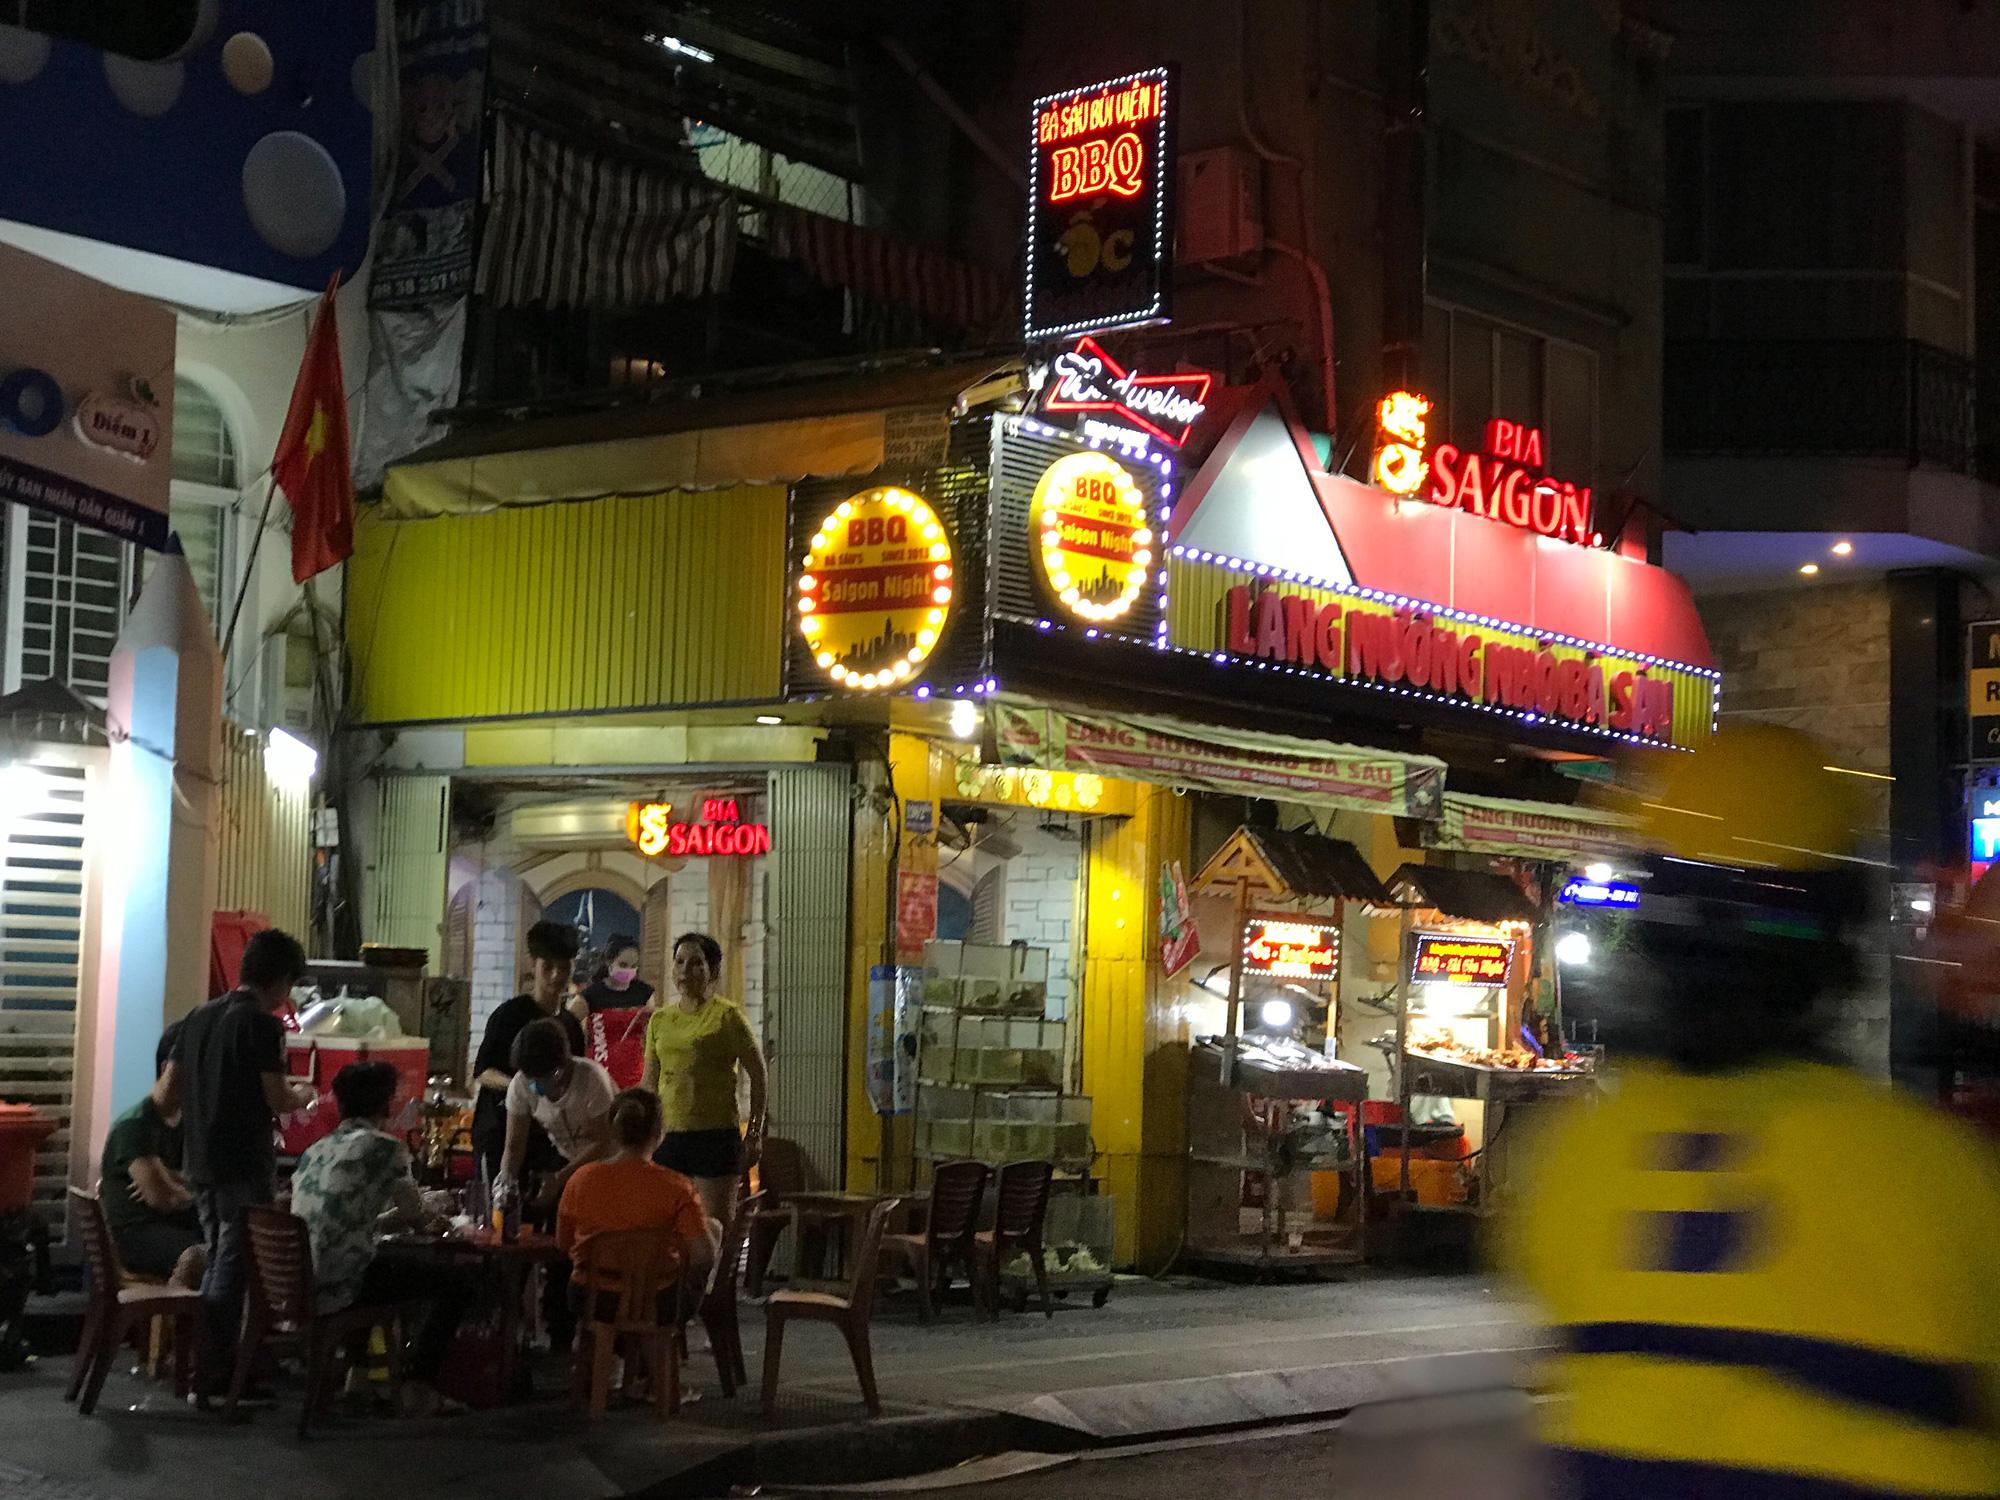 """Sài Gòn 16/3: Các điểm vui chơi, du lịch tham quan tại quận 1 """"vắng lặng"""" giữa mùa dịch Corona - Ảnh 11."""